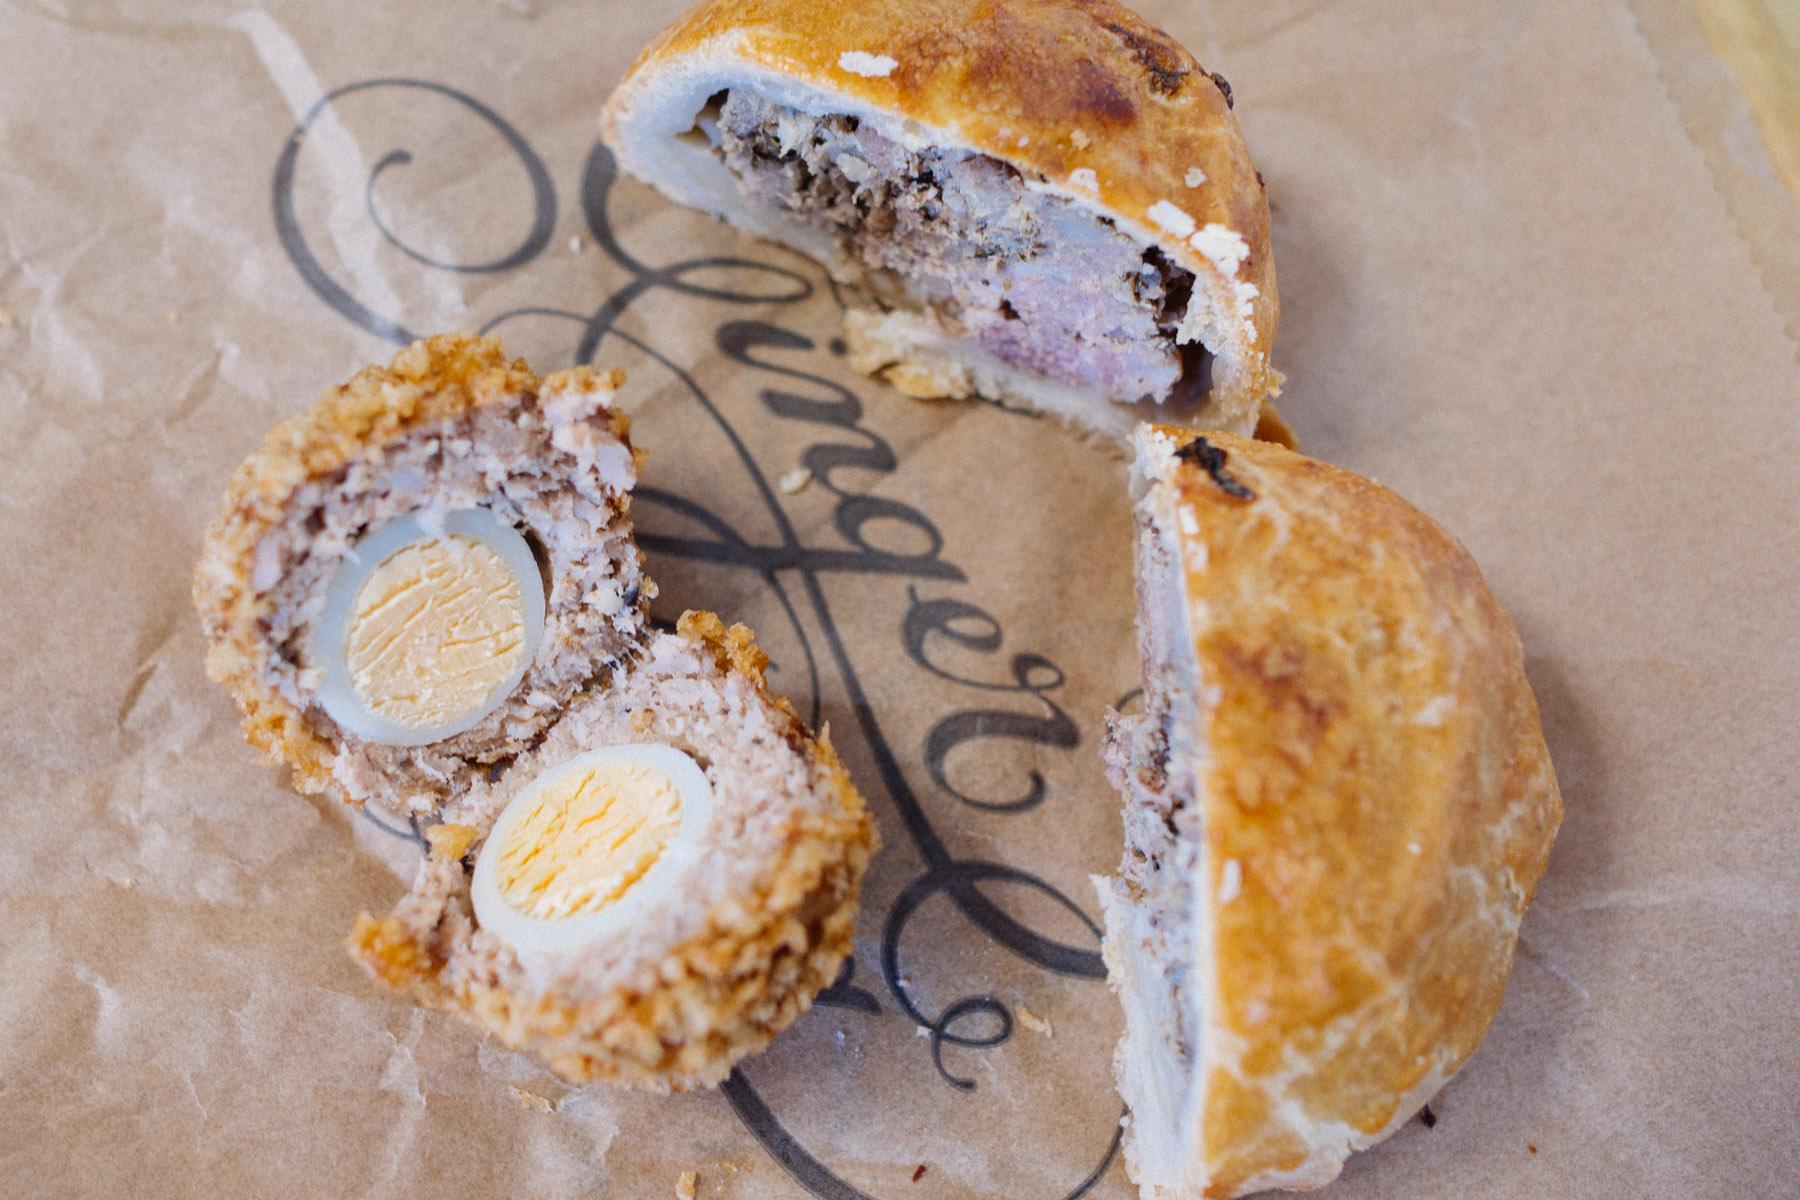 Easter-best-egg-dishes-poached-scrambled-soft-boiled-omelet-fried-deviled-yolks-33